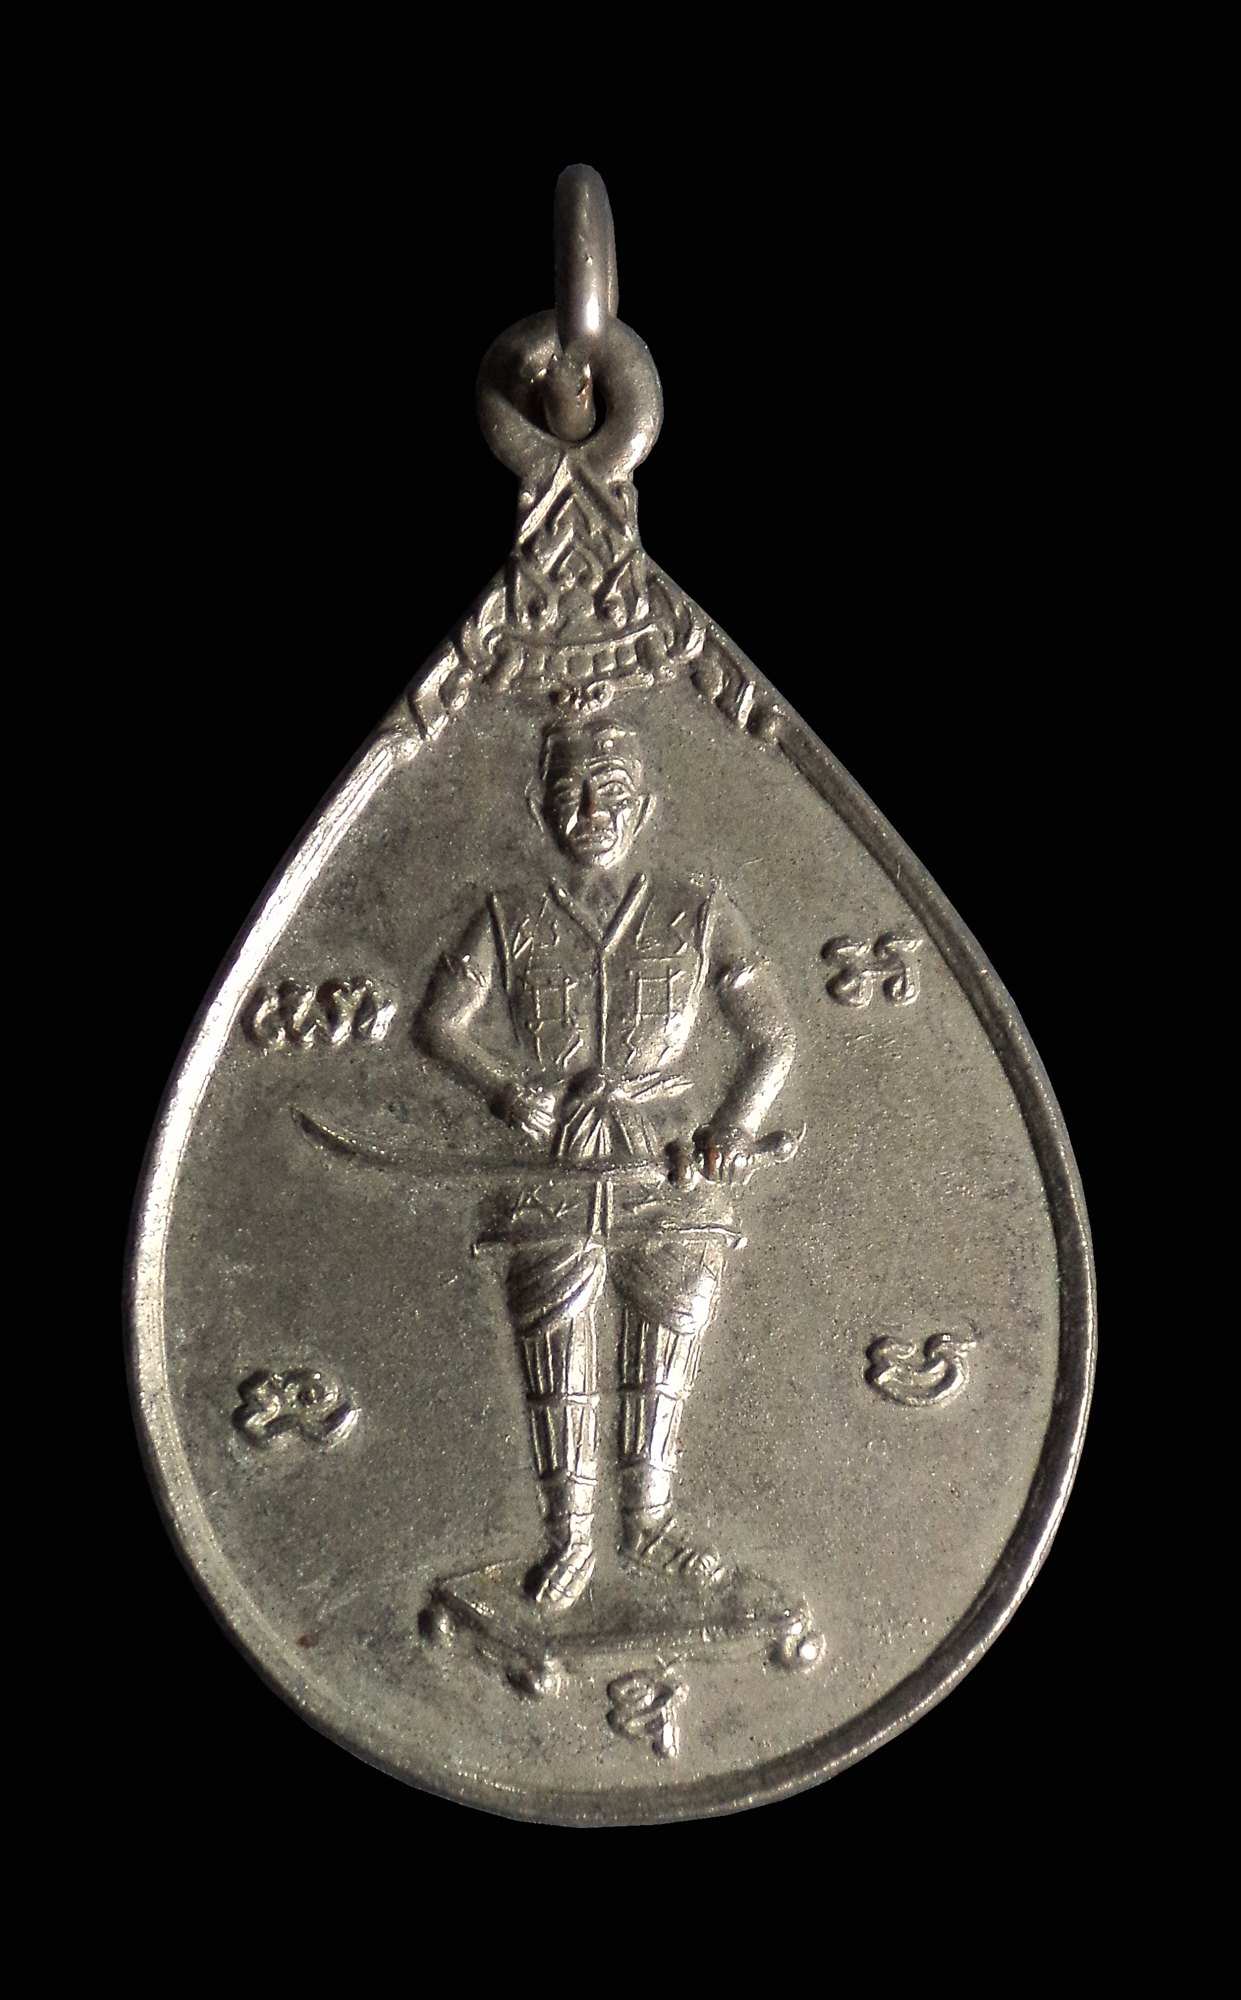 เหรียญเมตตาธรรม อนุสรณ์พ่อดำ จ.ตราด ปี 2531